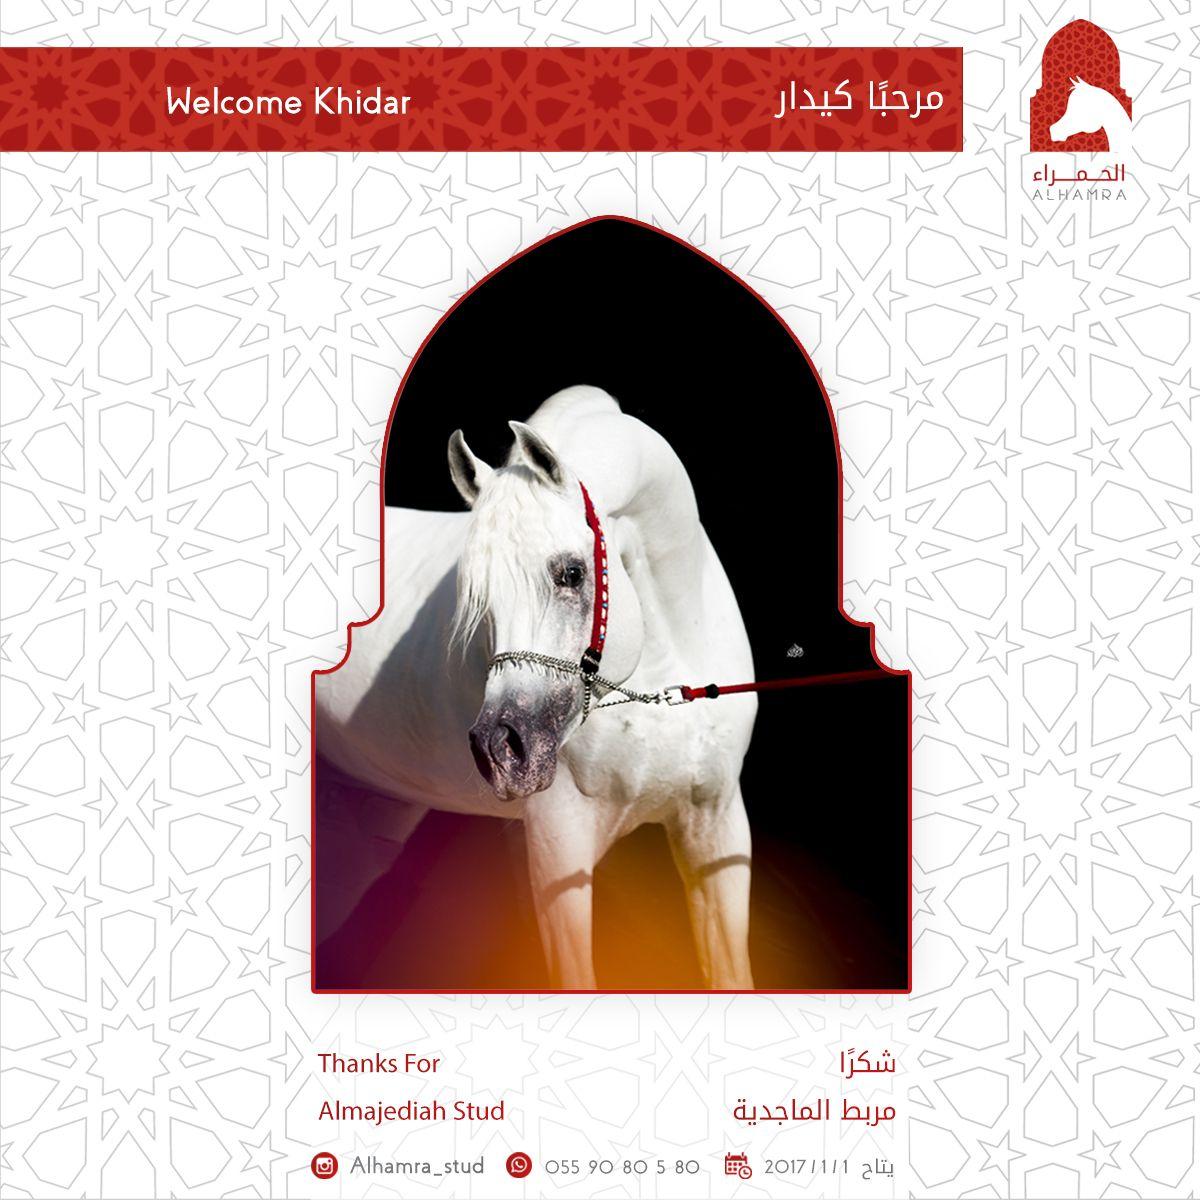 الحمراء مرحبا كيدار Horses Beautiful Creatures Arabian Horse